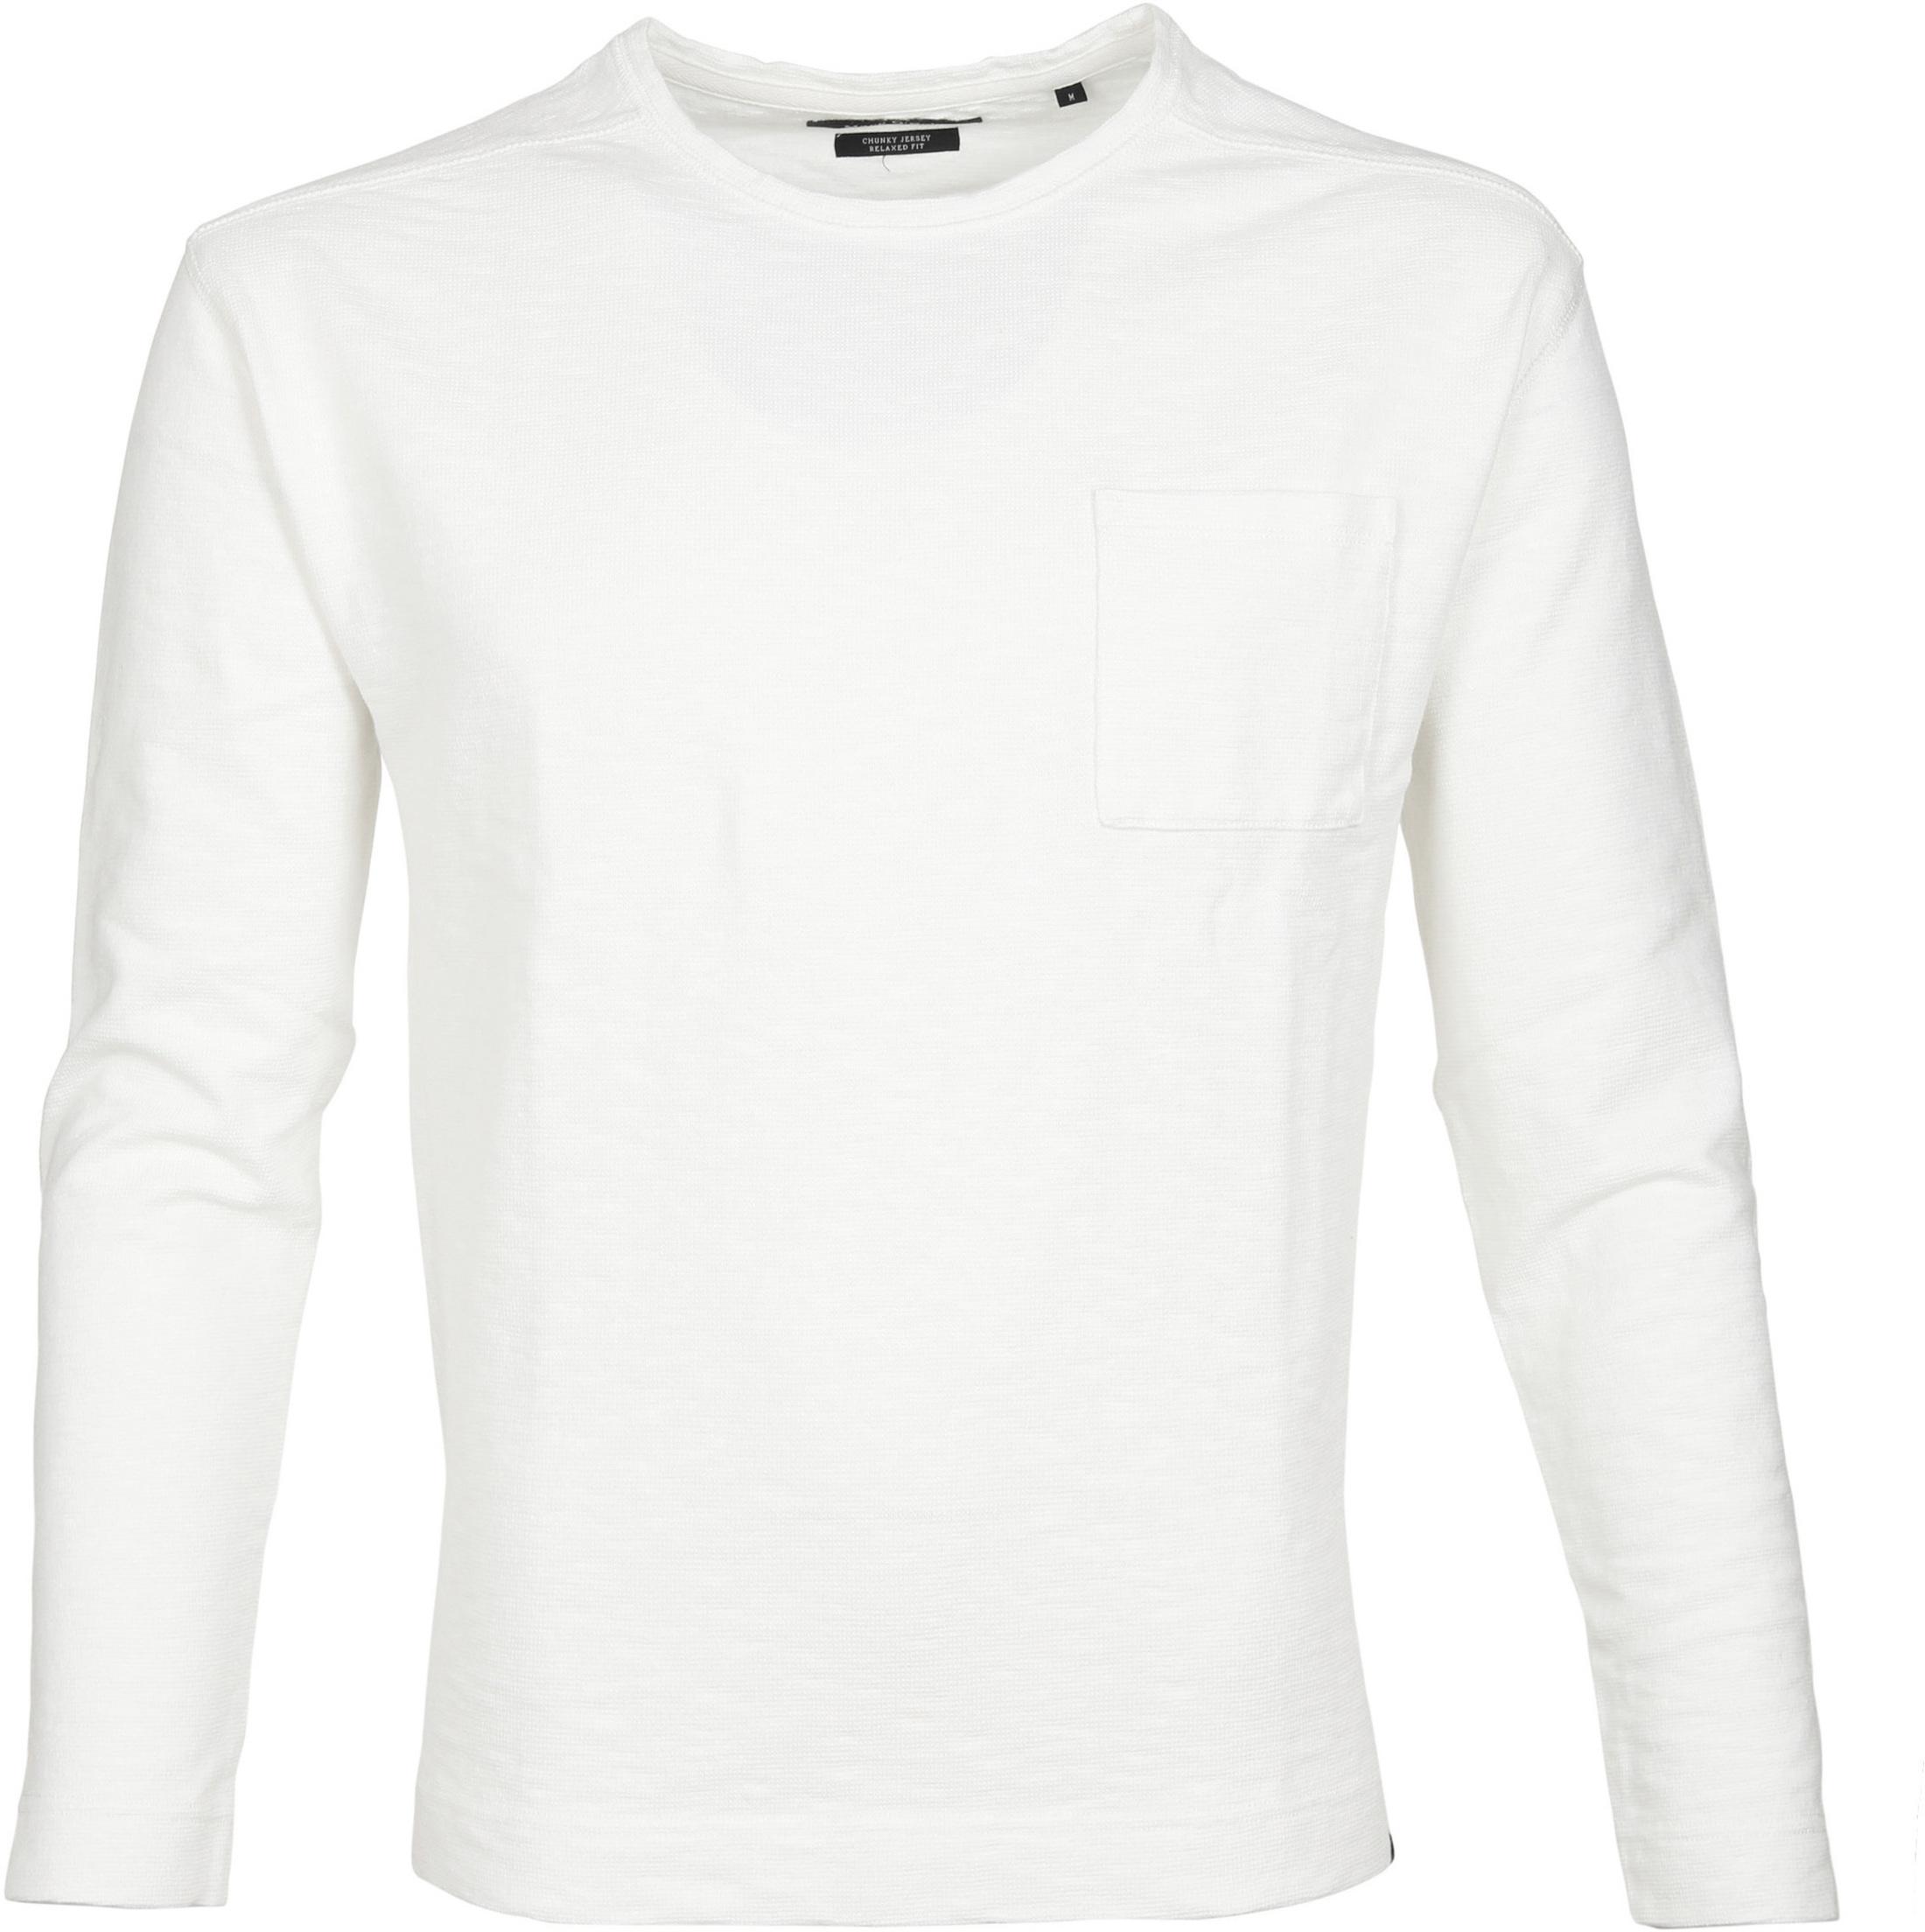 Marc O'Polo Marc O'Polo Longsleeve T-shirt Weiß foto 0